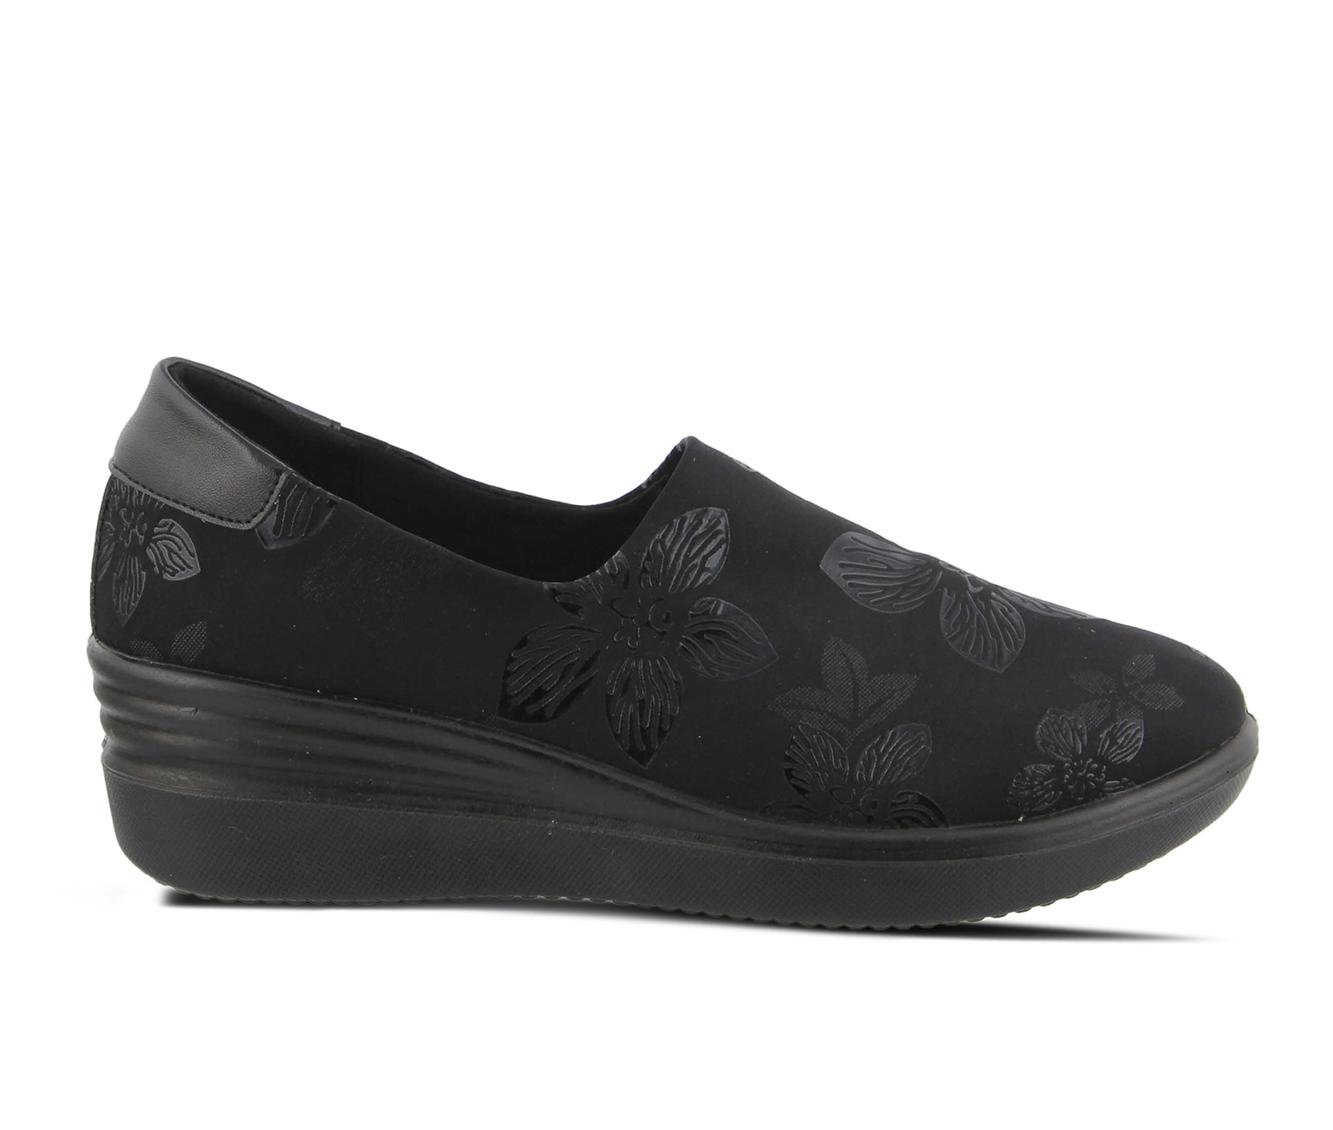 Flexus Noral-Flower Women's Shoe (Black Canvas)